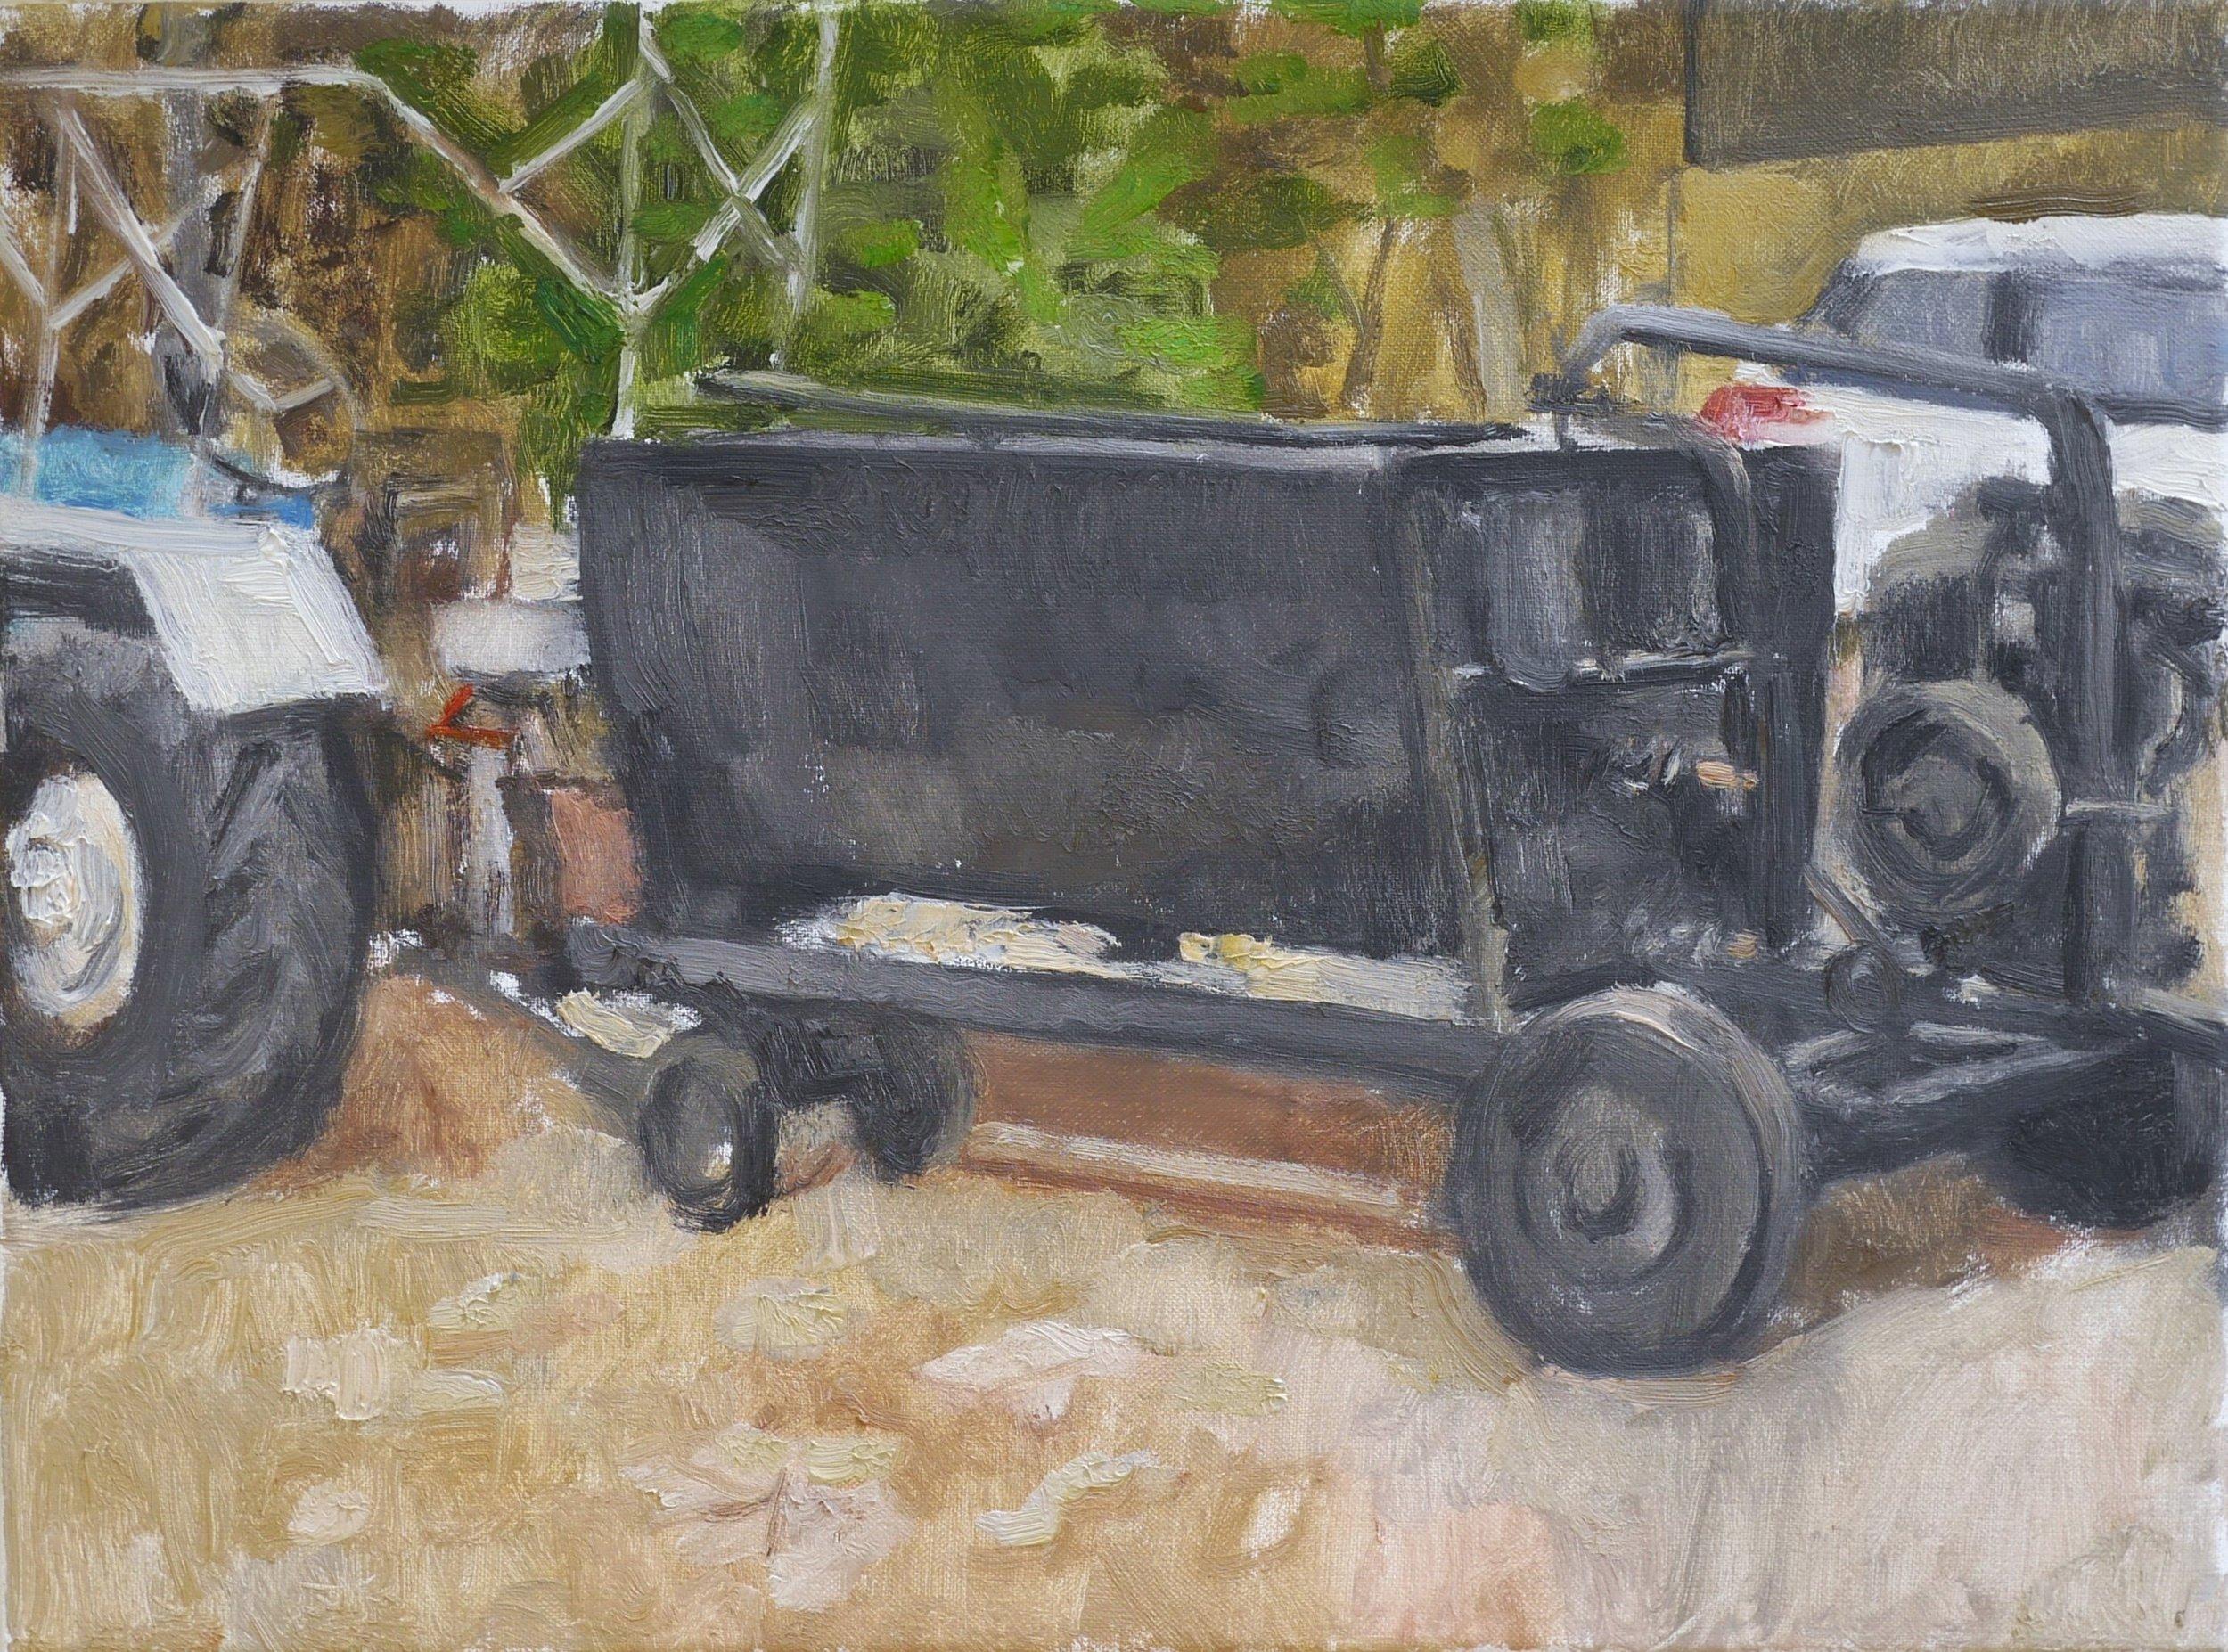 Tar Car, 2019